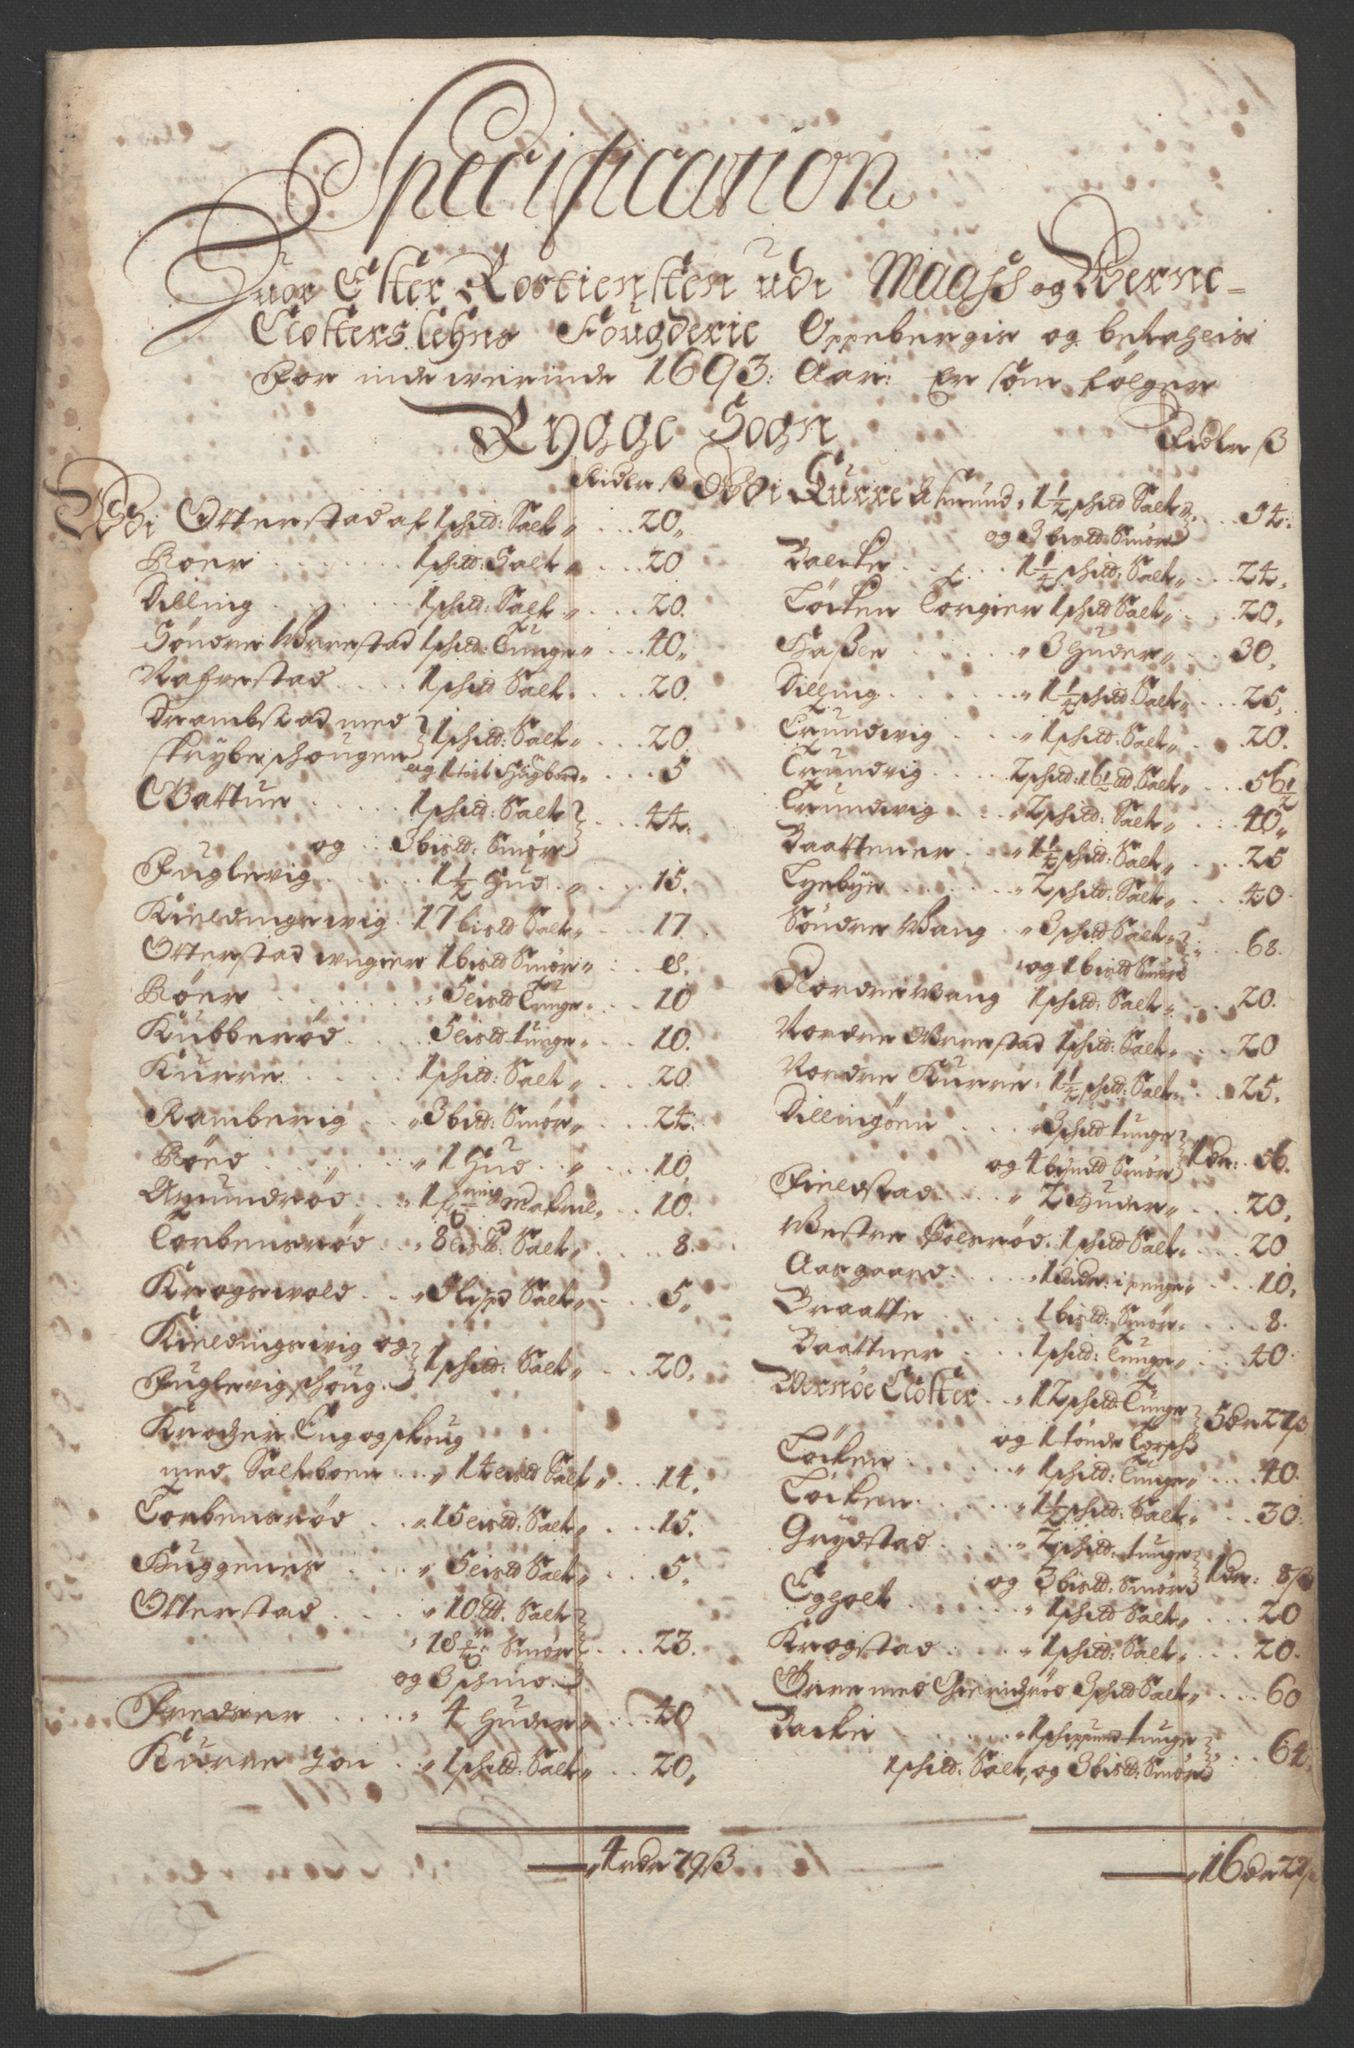 RA, Rentekammeret inntil 1814, Reviderte regnskaper, Fogderegnskap, R02/L0108: Fogderegnskap Moss og Verne kloster, 1692-1693, s. 325